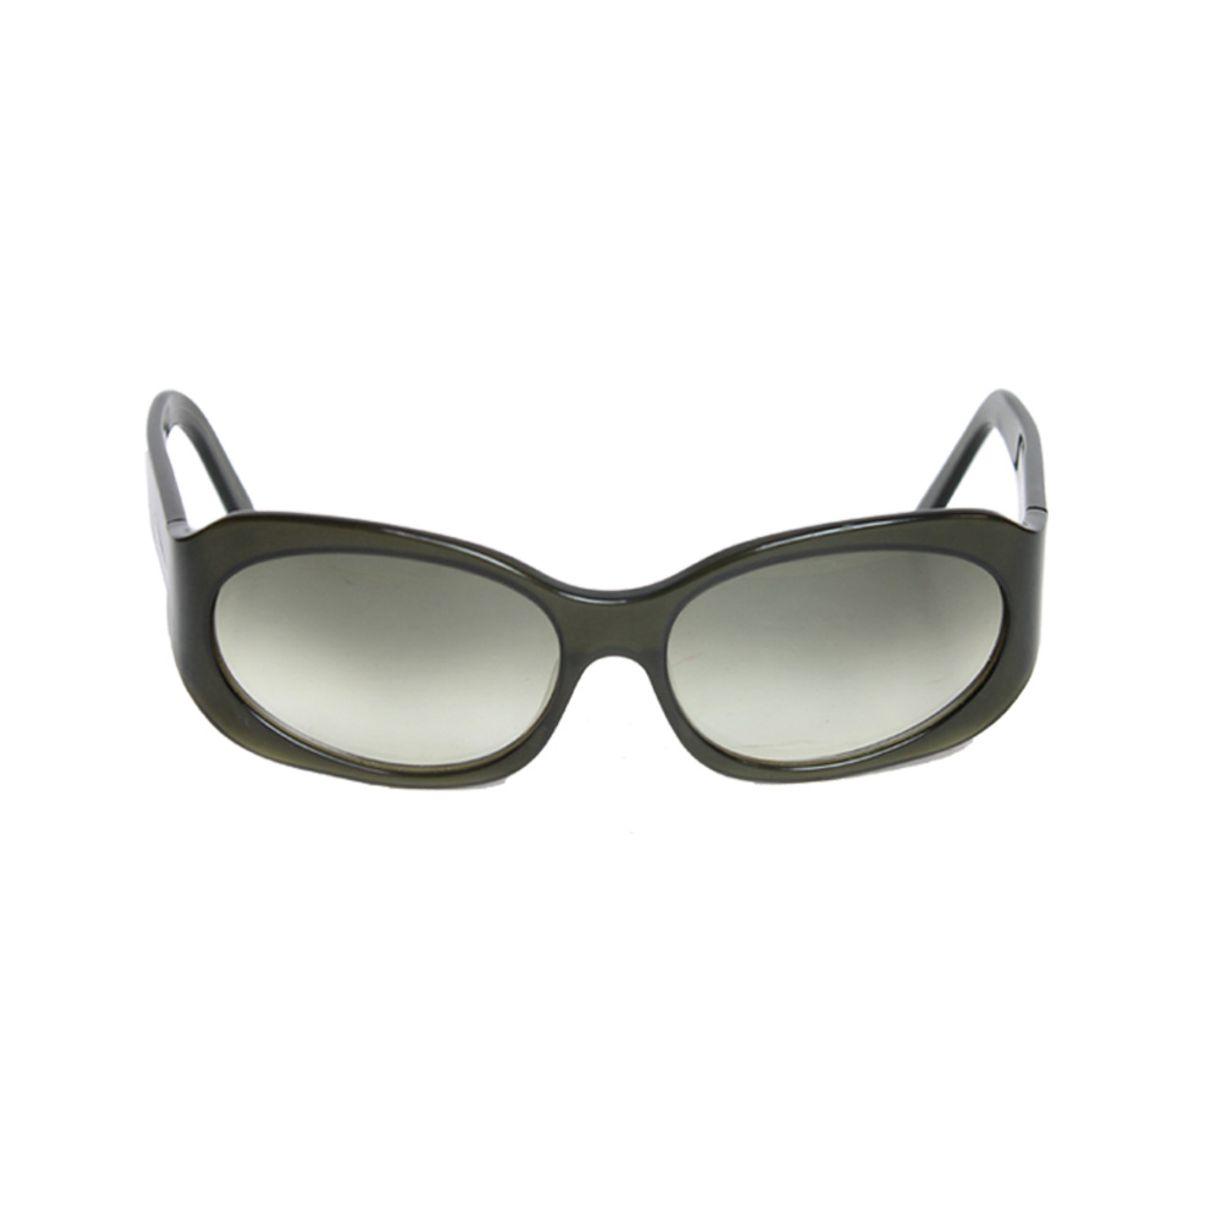 Oculos-Prada-Verde-Musgo